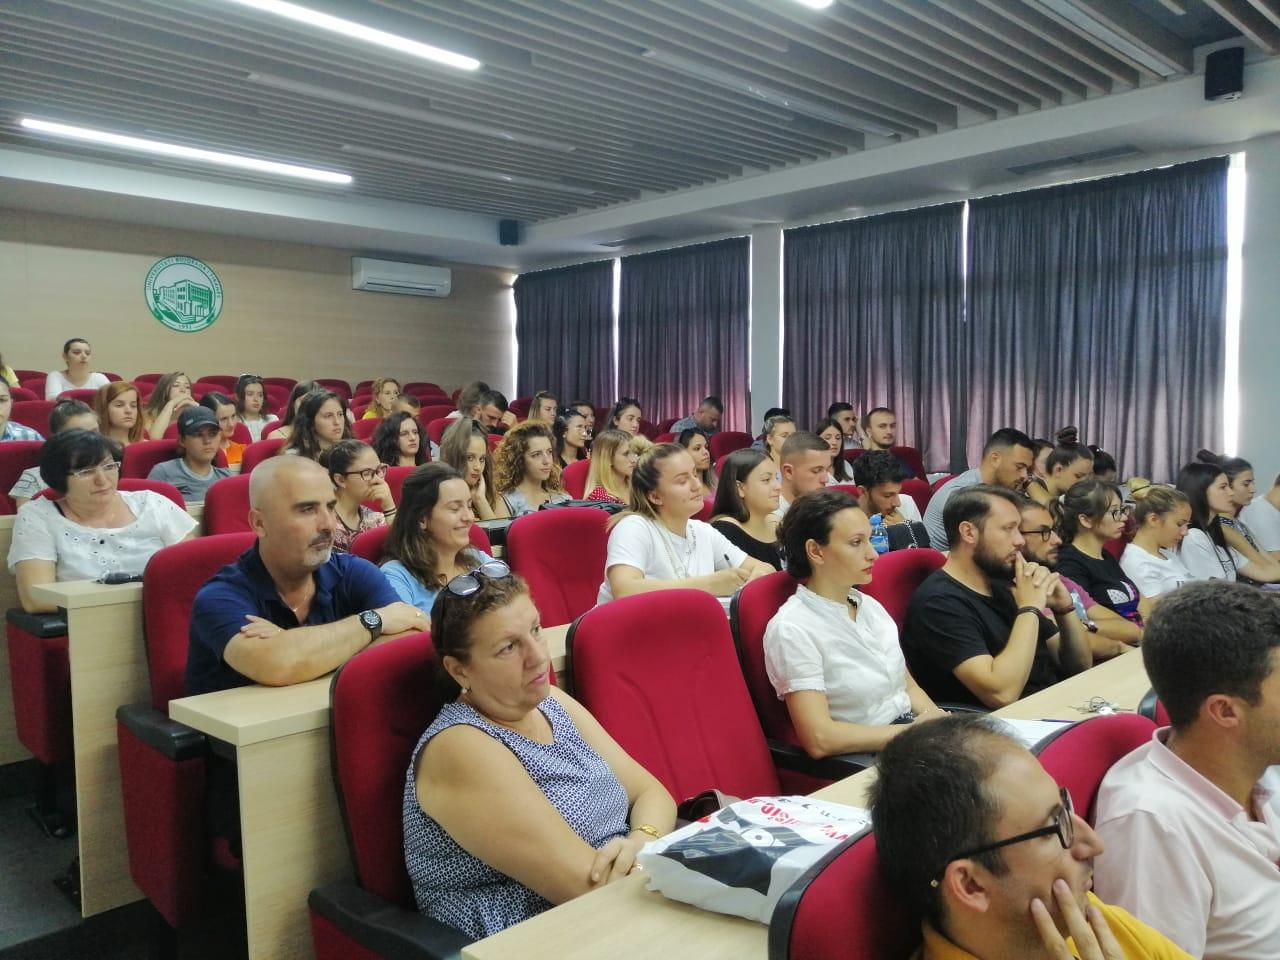 Un momento di un'attività seminariale organizzata presso la Agricultural University of Tirana